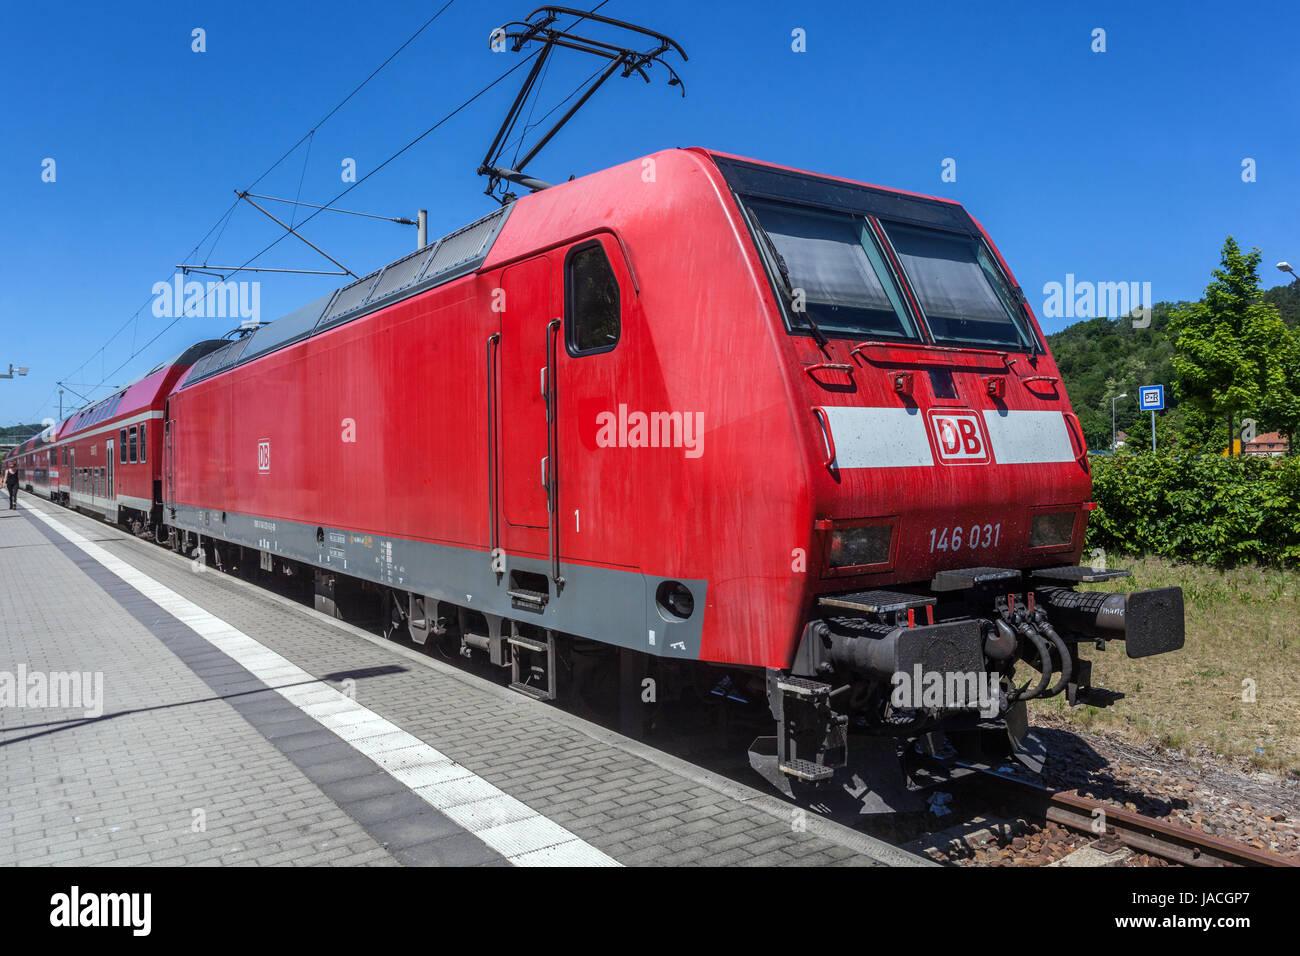 Regional Bahn, Bahnhof Bad Schandau, Sächsische Schweiz, Deutschland, Europa Stockbild